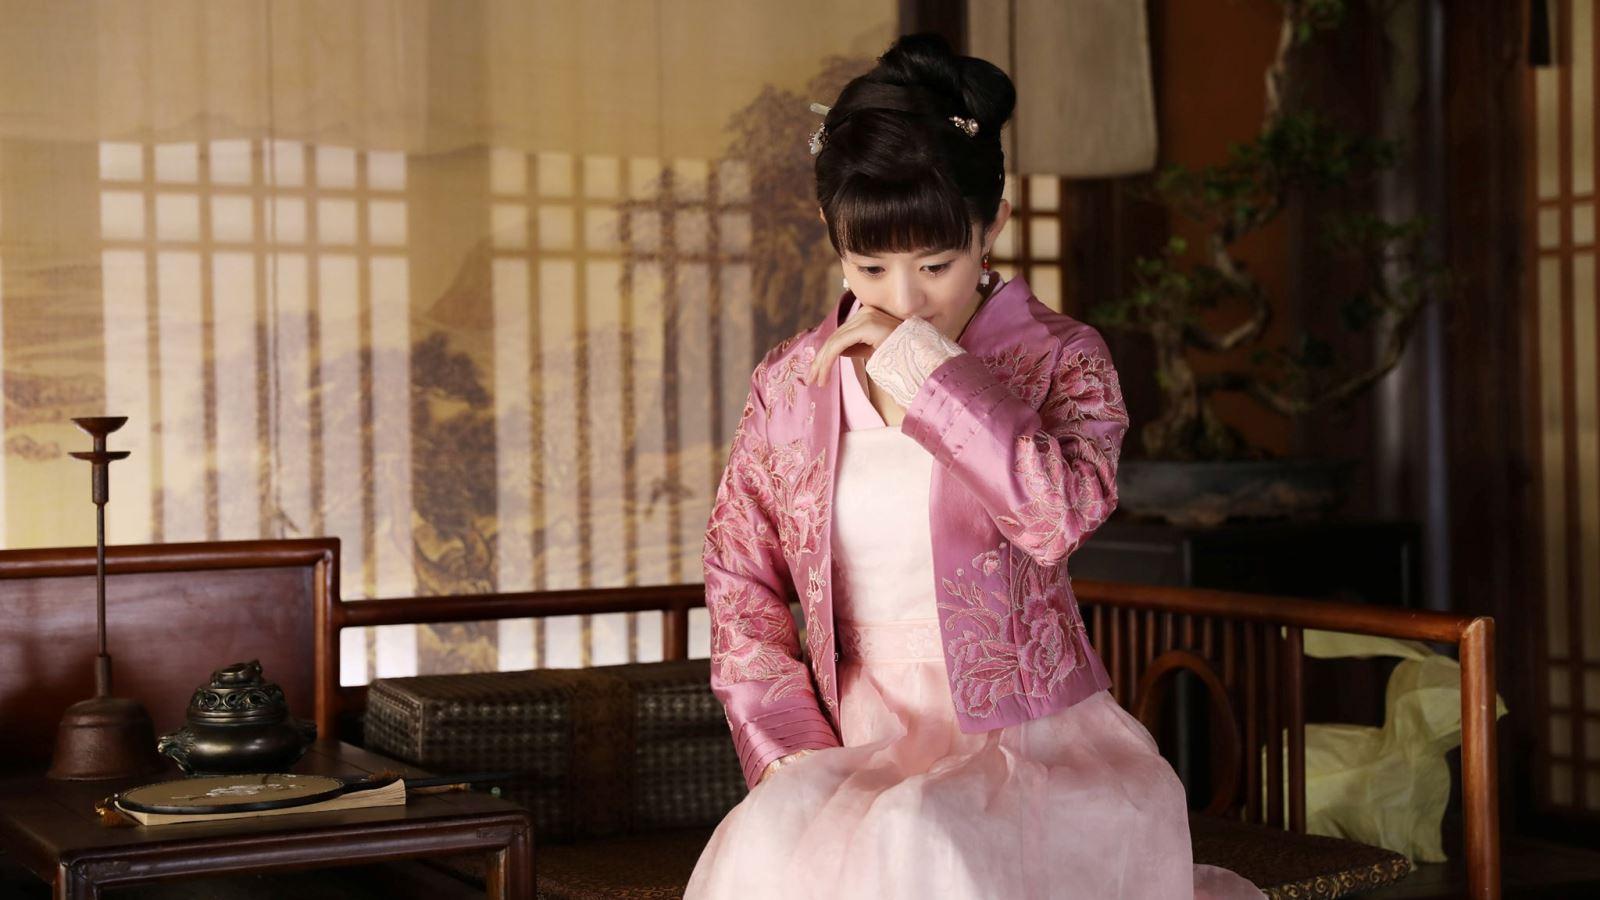 'Minh Lan truyện' tập 22, 23: Mẹ Nguyên Nhược cắt đứt mối tình thanh mai trúc mã của Nguyên Nhược và Minh Lan